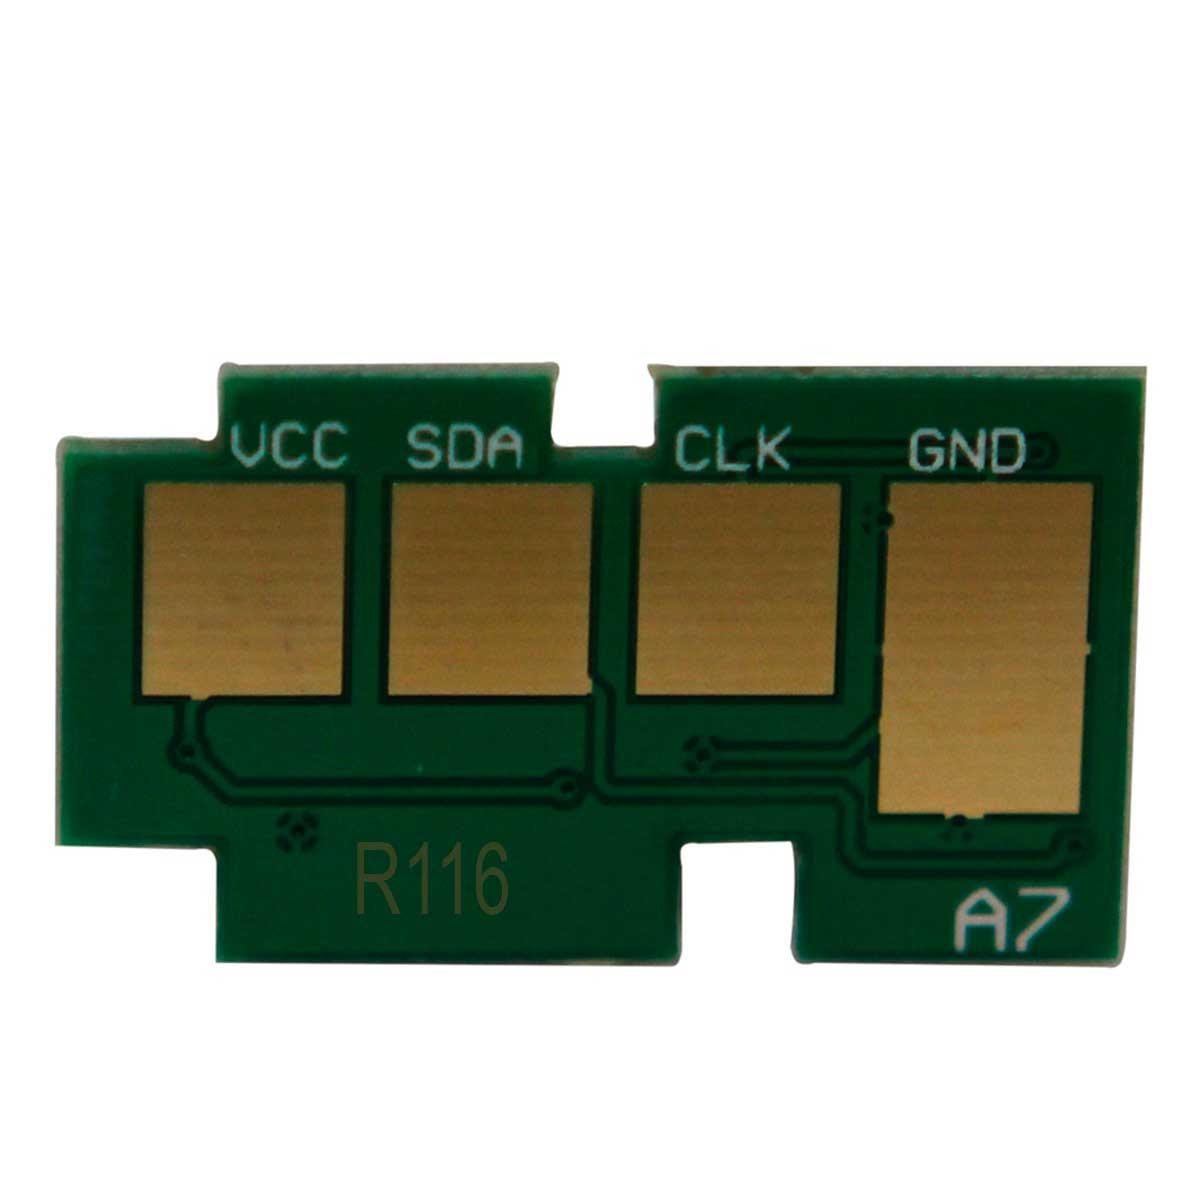 CHIP DO CILINDRO SAMSUNG (MLT-R116/D116S/D116L) M2825ND/M2835DW/M2875FD/M2885FW 9K